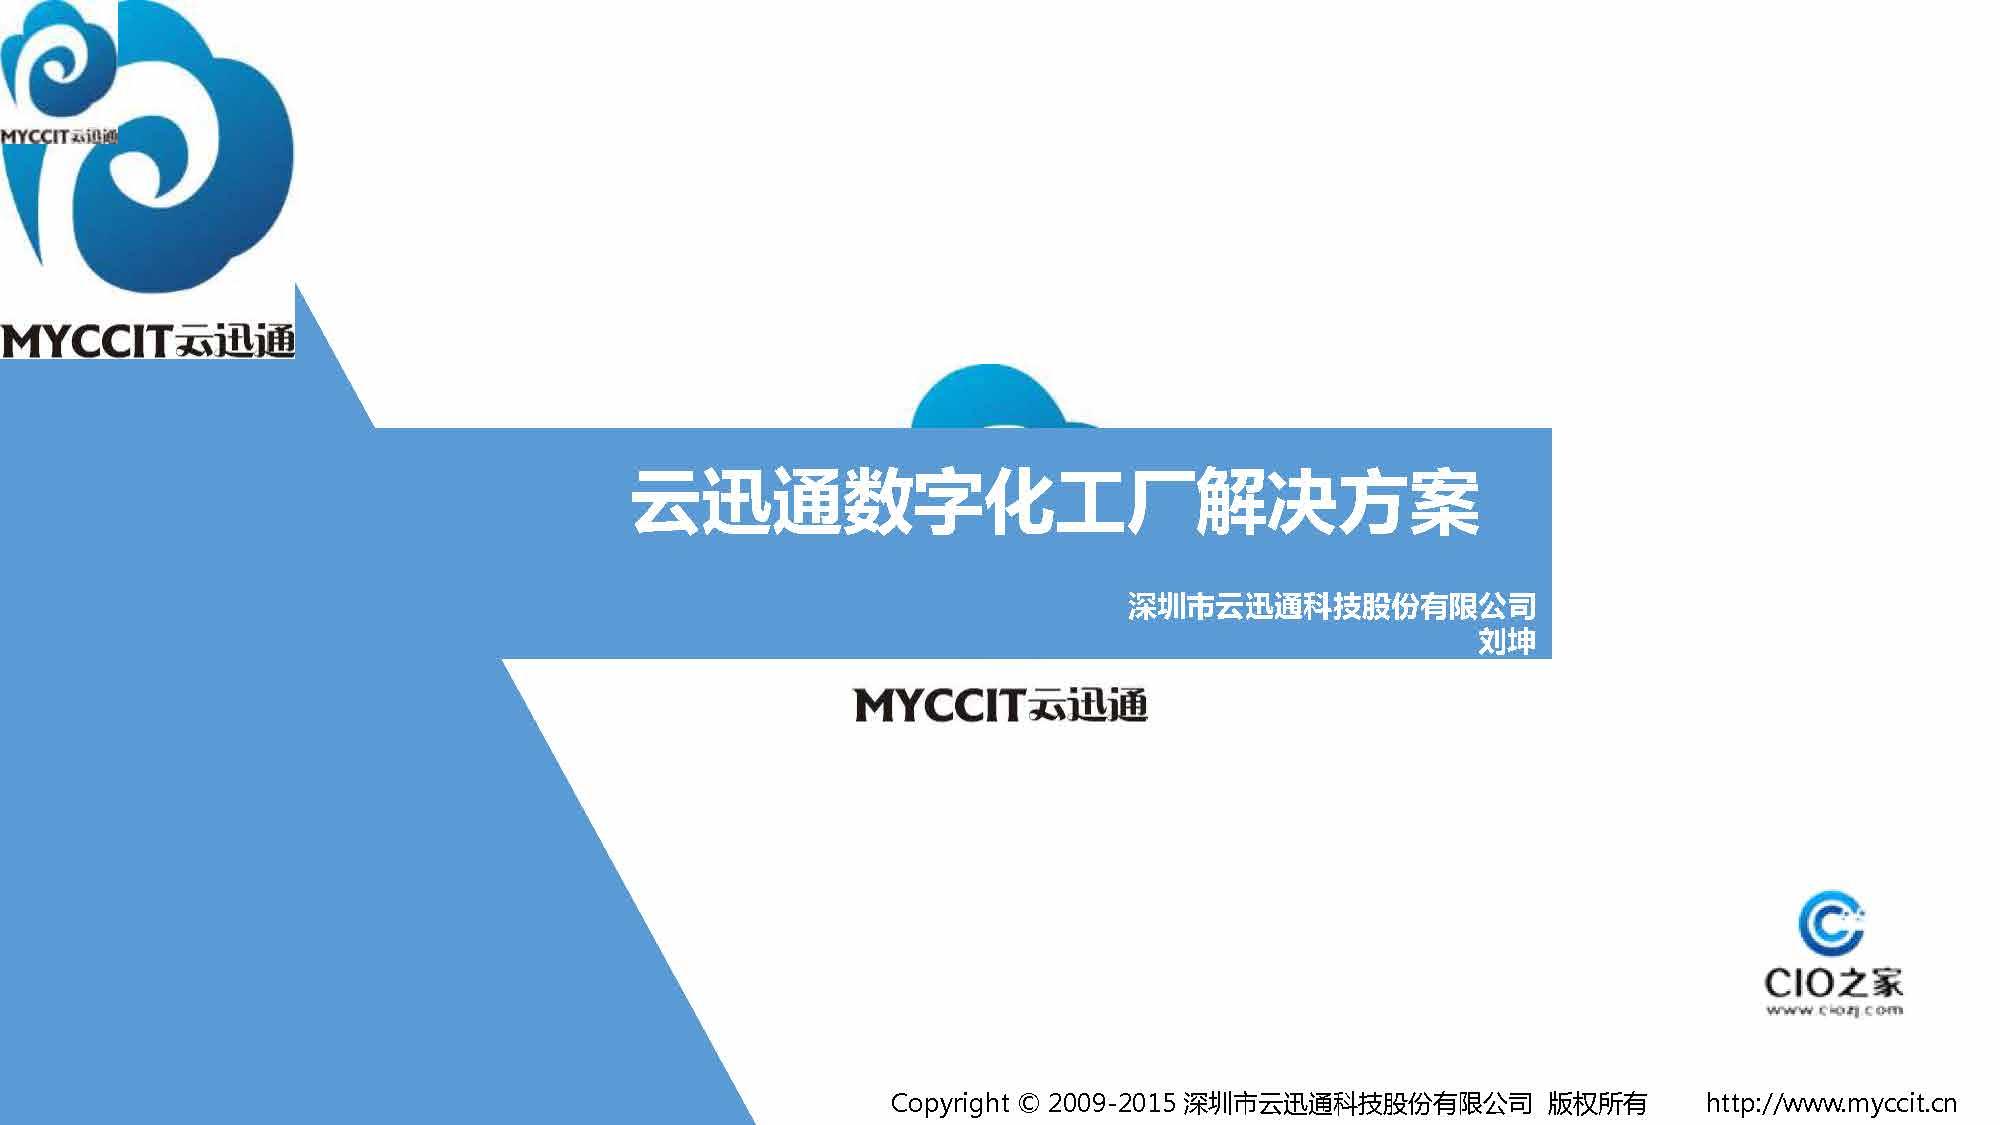 刘坤-云迅通数字化工厂方案